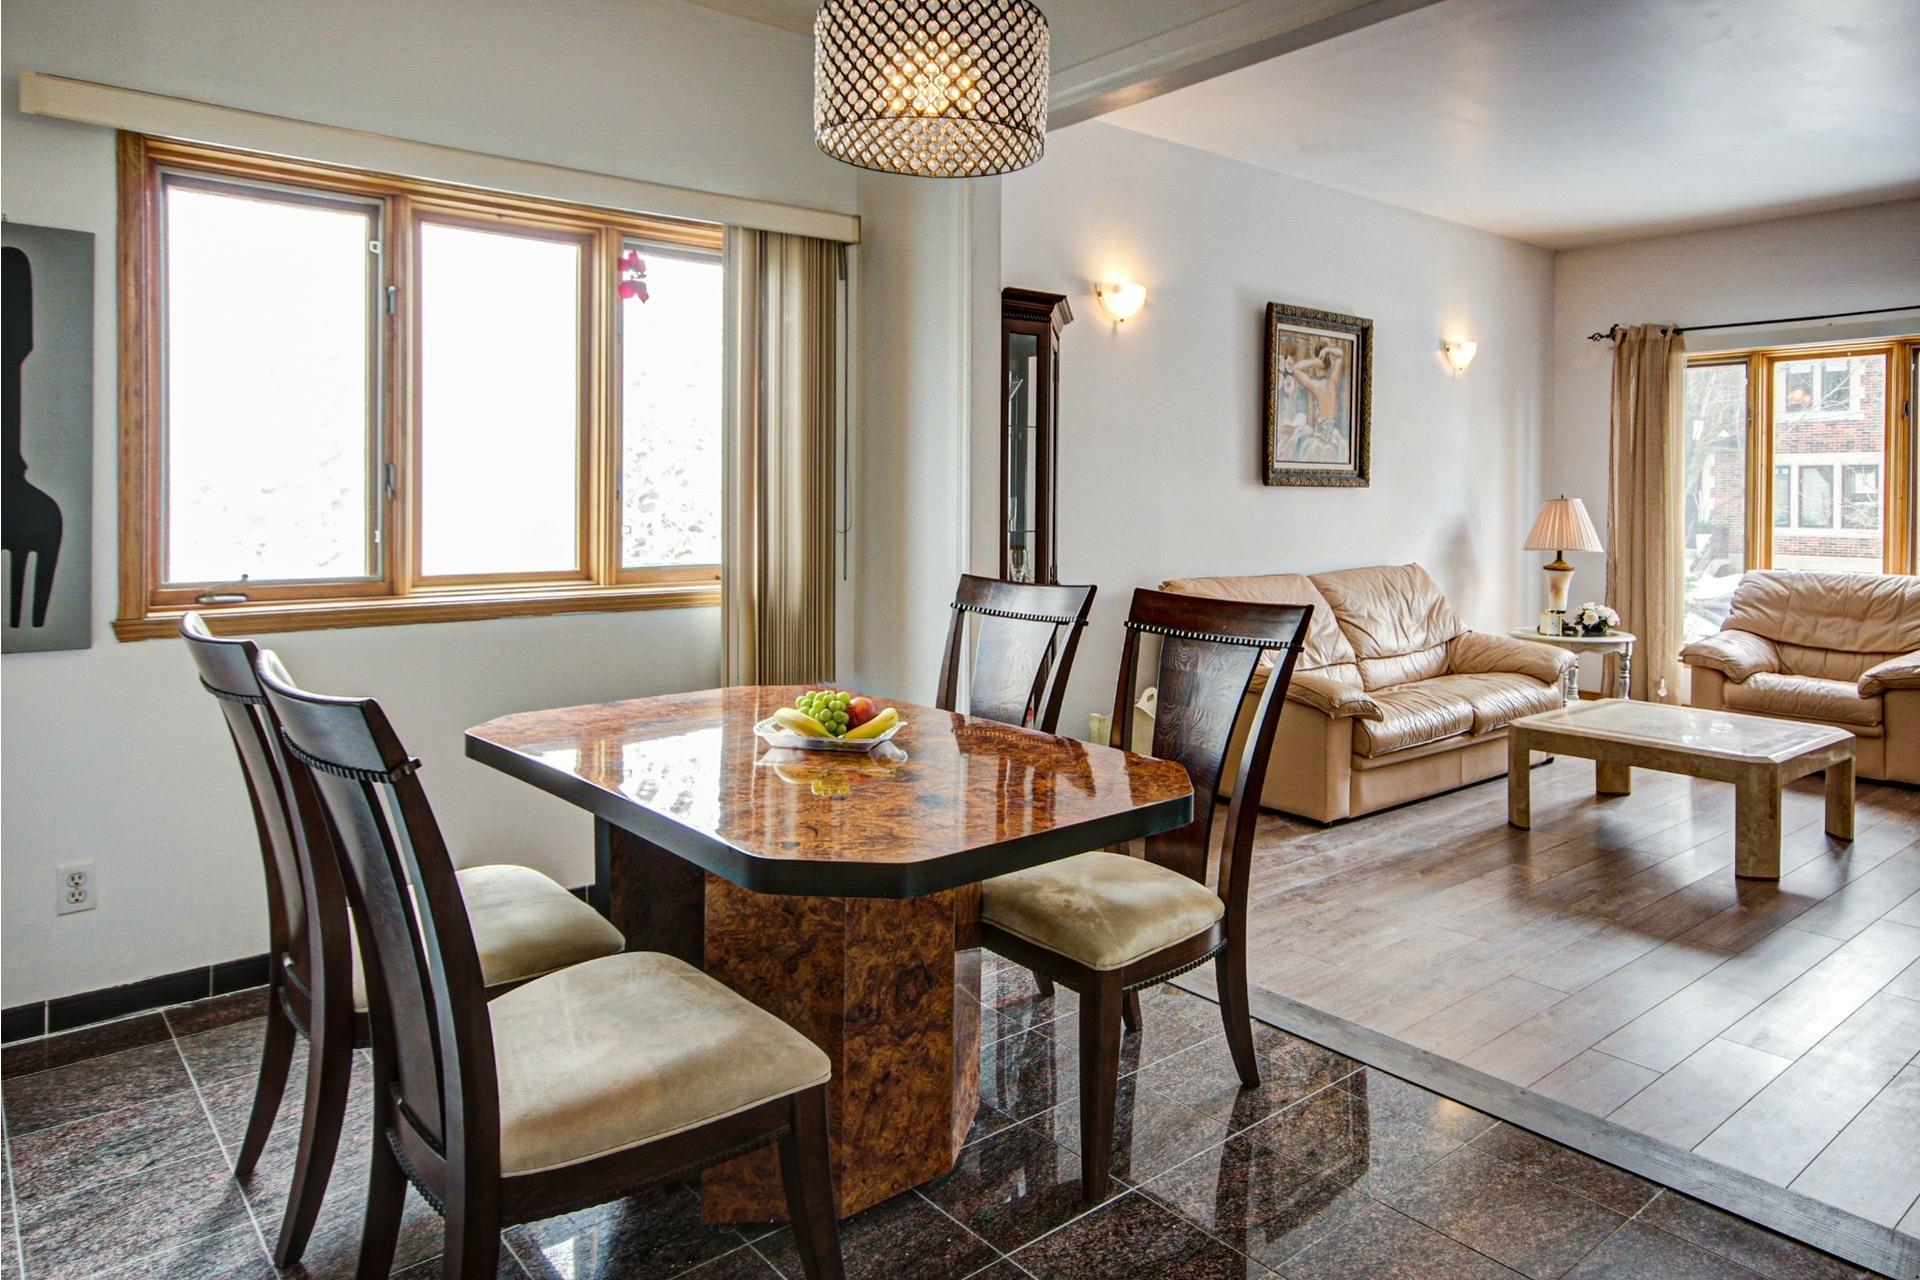 image 9 - Maison À vendre Côte-des-Neiges/Notre-Dame-de-Grâce Montréal